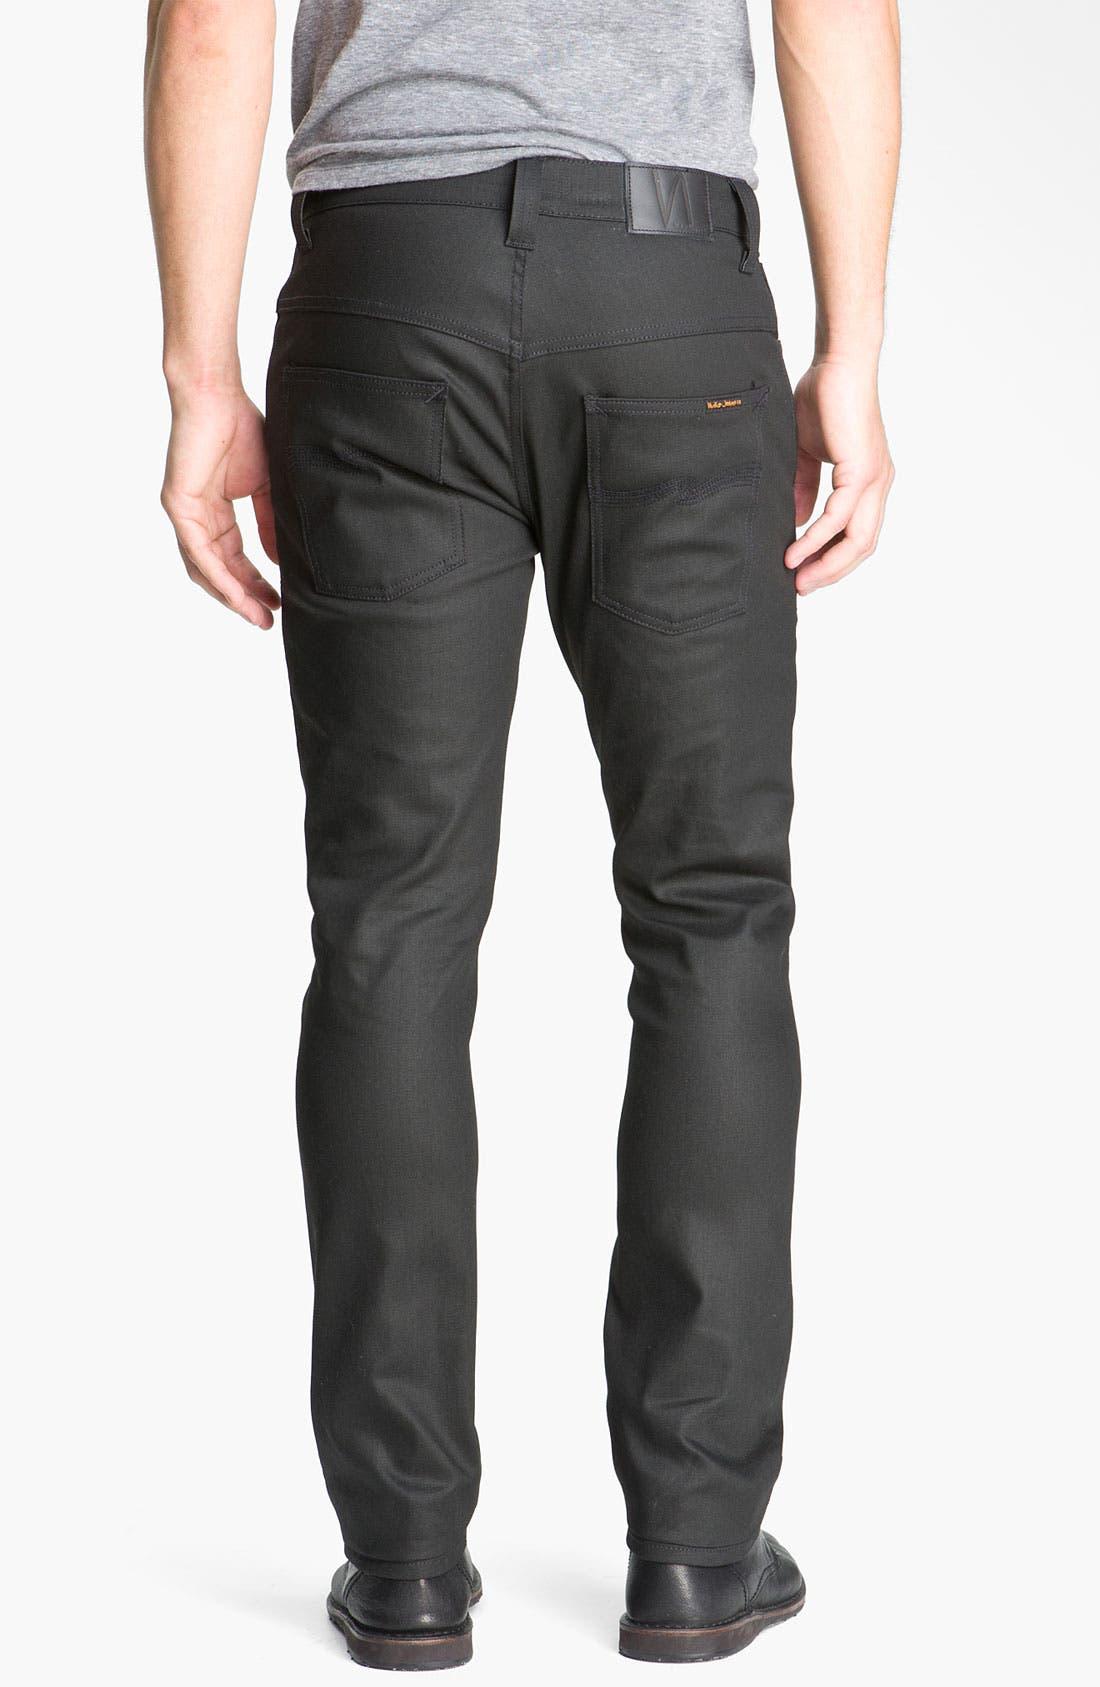 Alternate Image 1 Selected - Nudie 'Thin Finn' Skinny Jeans (Dry Black)